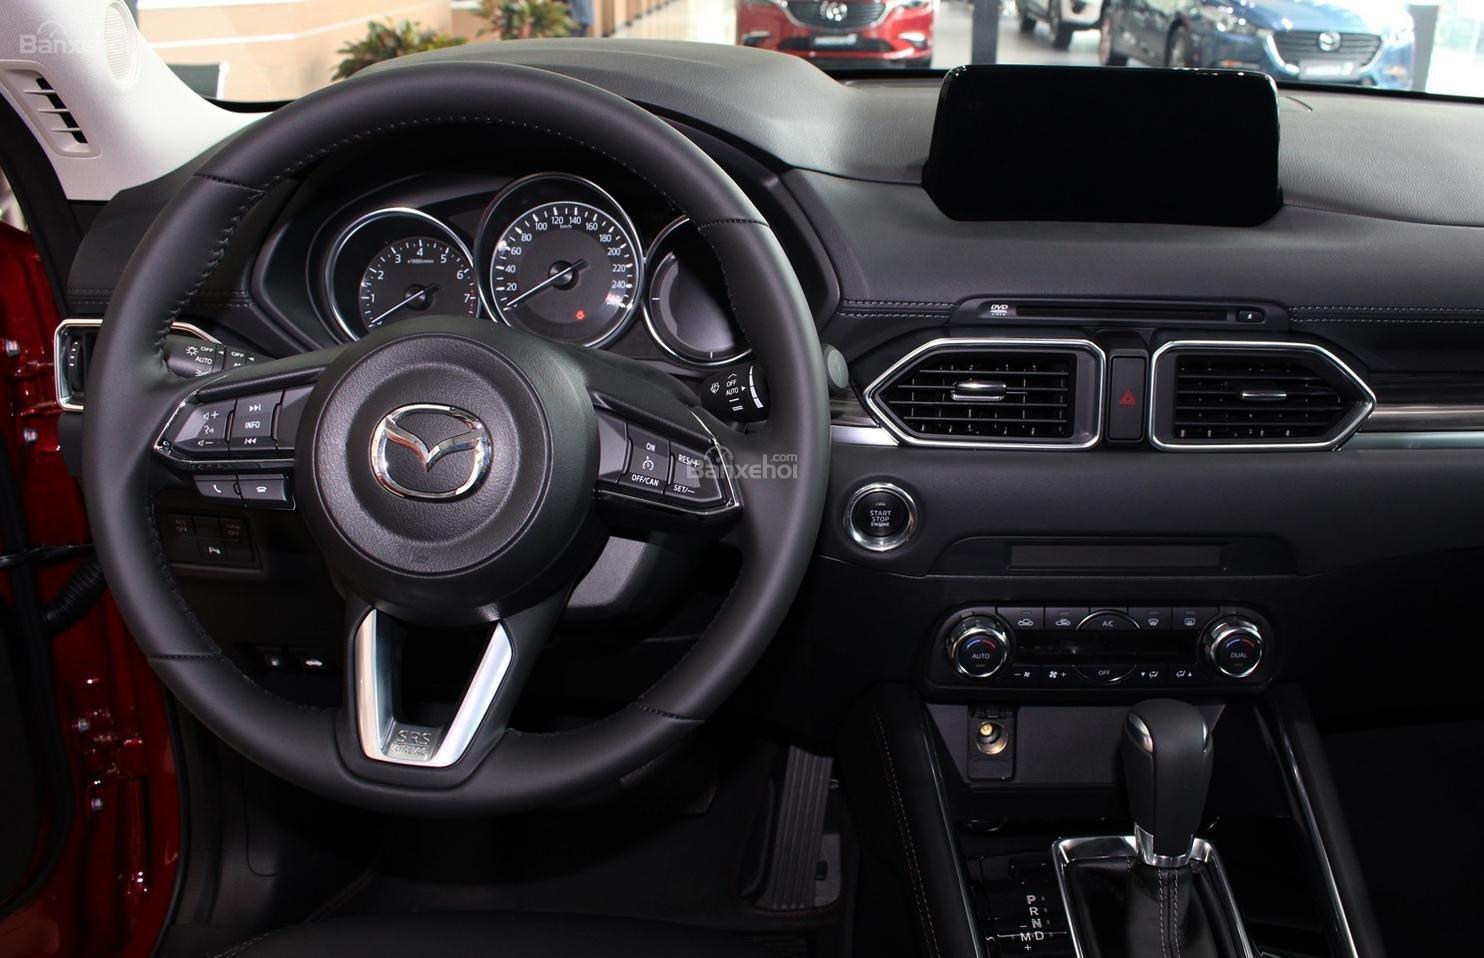 Mua Mazda CX-5 2019 2.5 LH 0941322979, giảm ngay 50 triệu tiền mặt, giá tốt nhất TP HCM-3